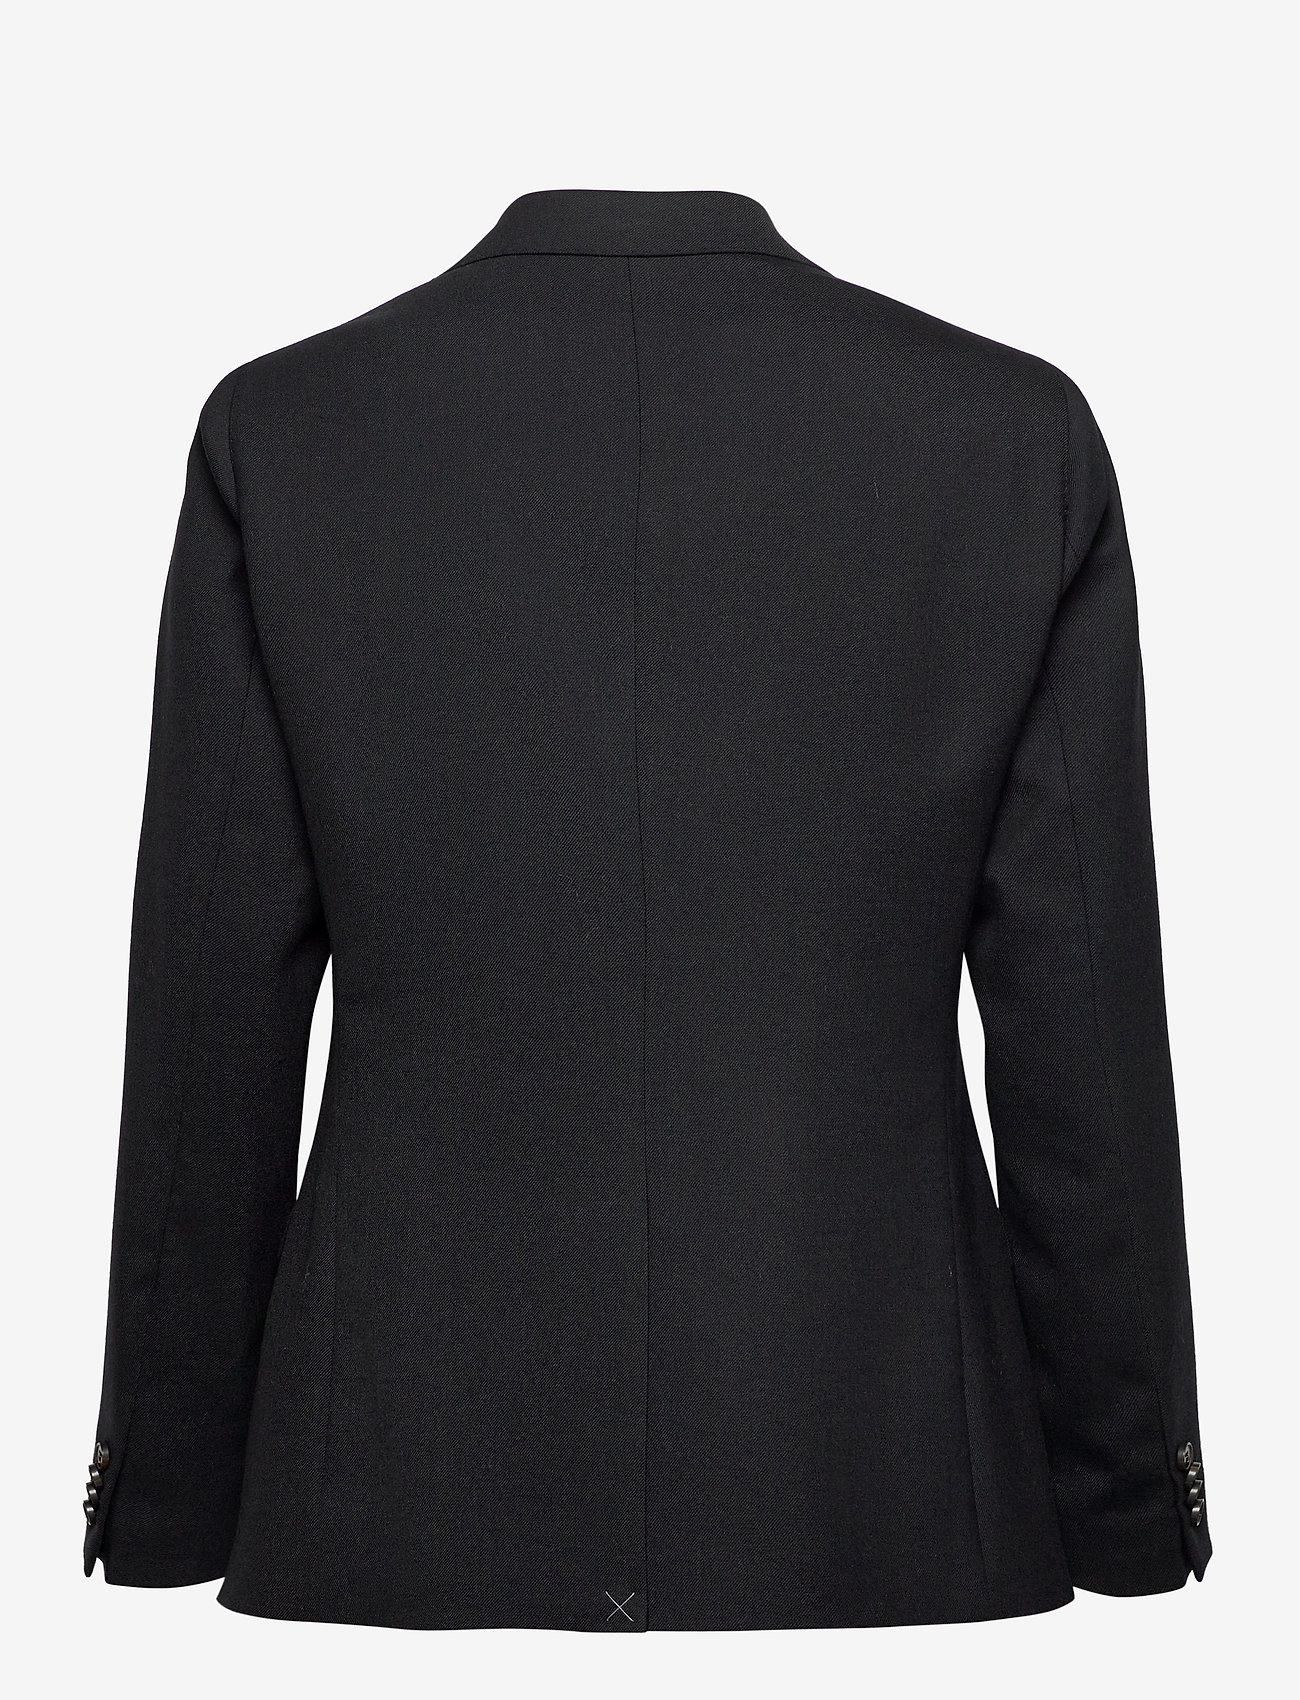 SAND - 2558 - Rani DB - vestes habillées - black - 1